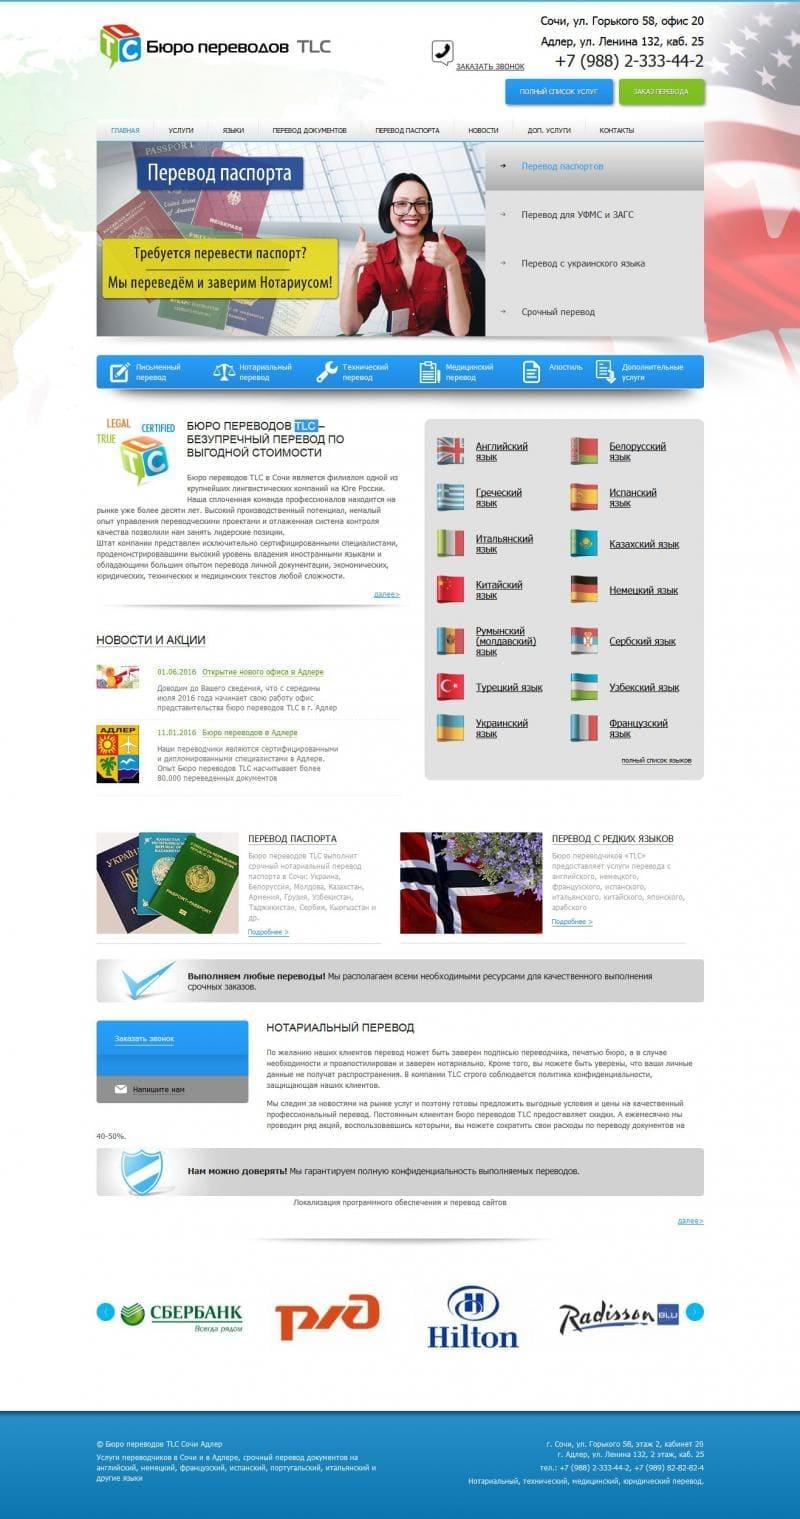 Продвижение сайтов в поисковых системах бюро аполитика договор на оптимизацию и продвижение сайта